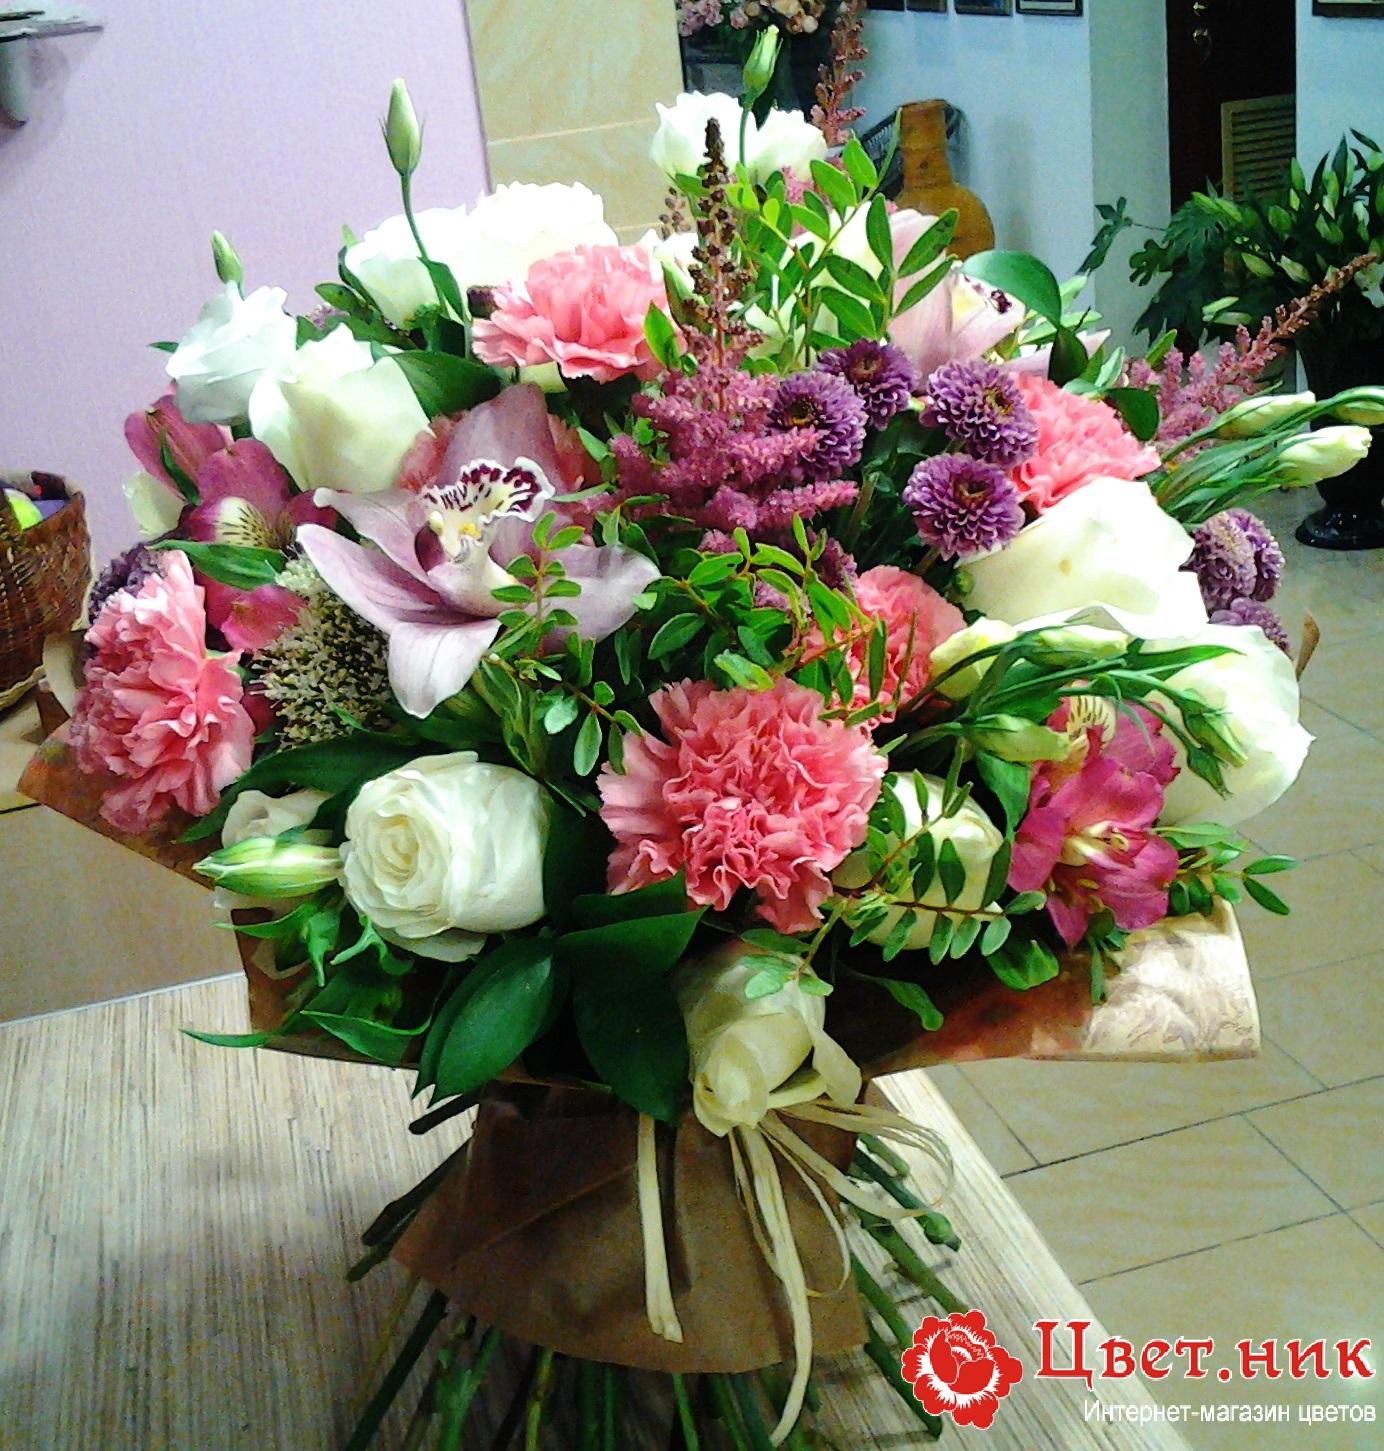 Доставка цветов в академическом екатеринбург цветы поштучно с доставкой по москве